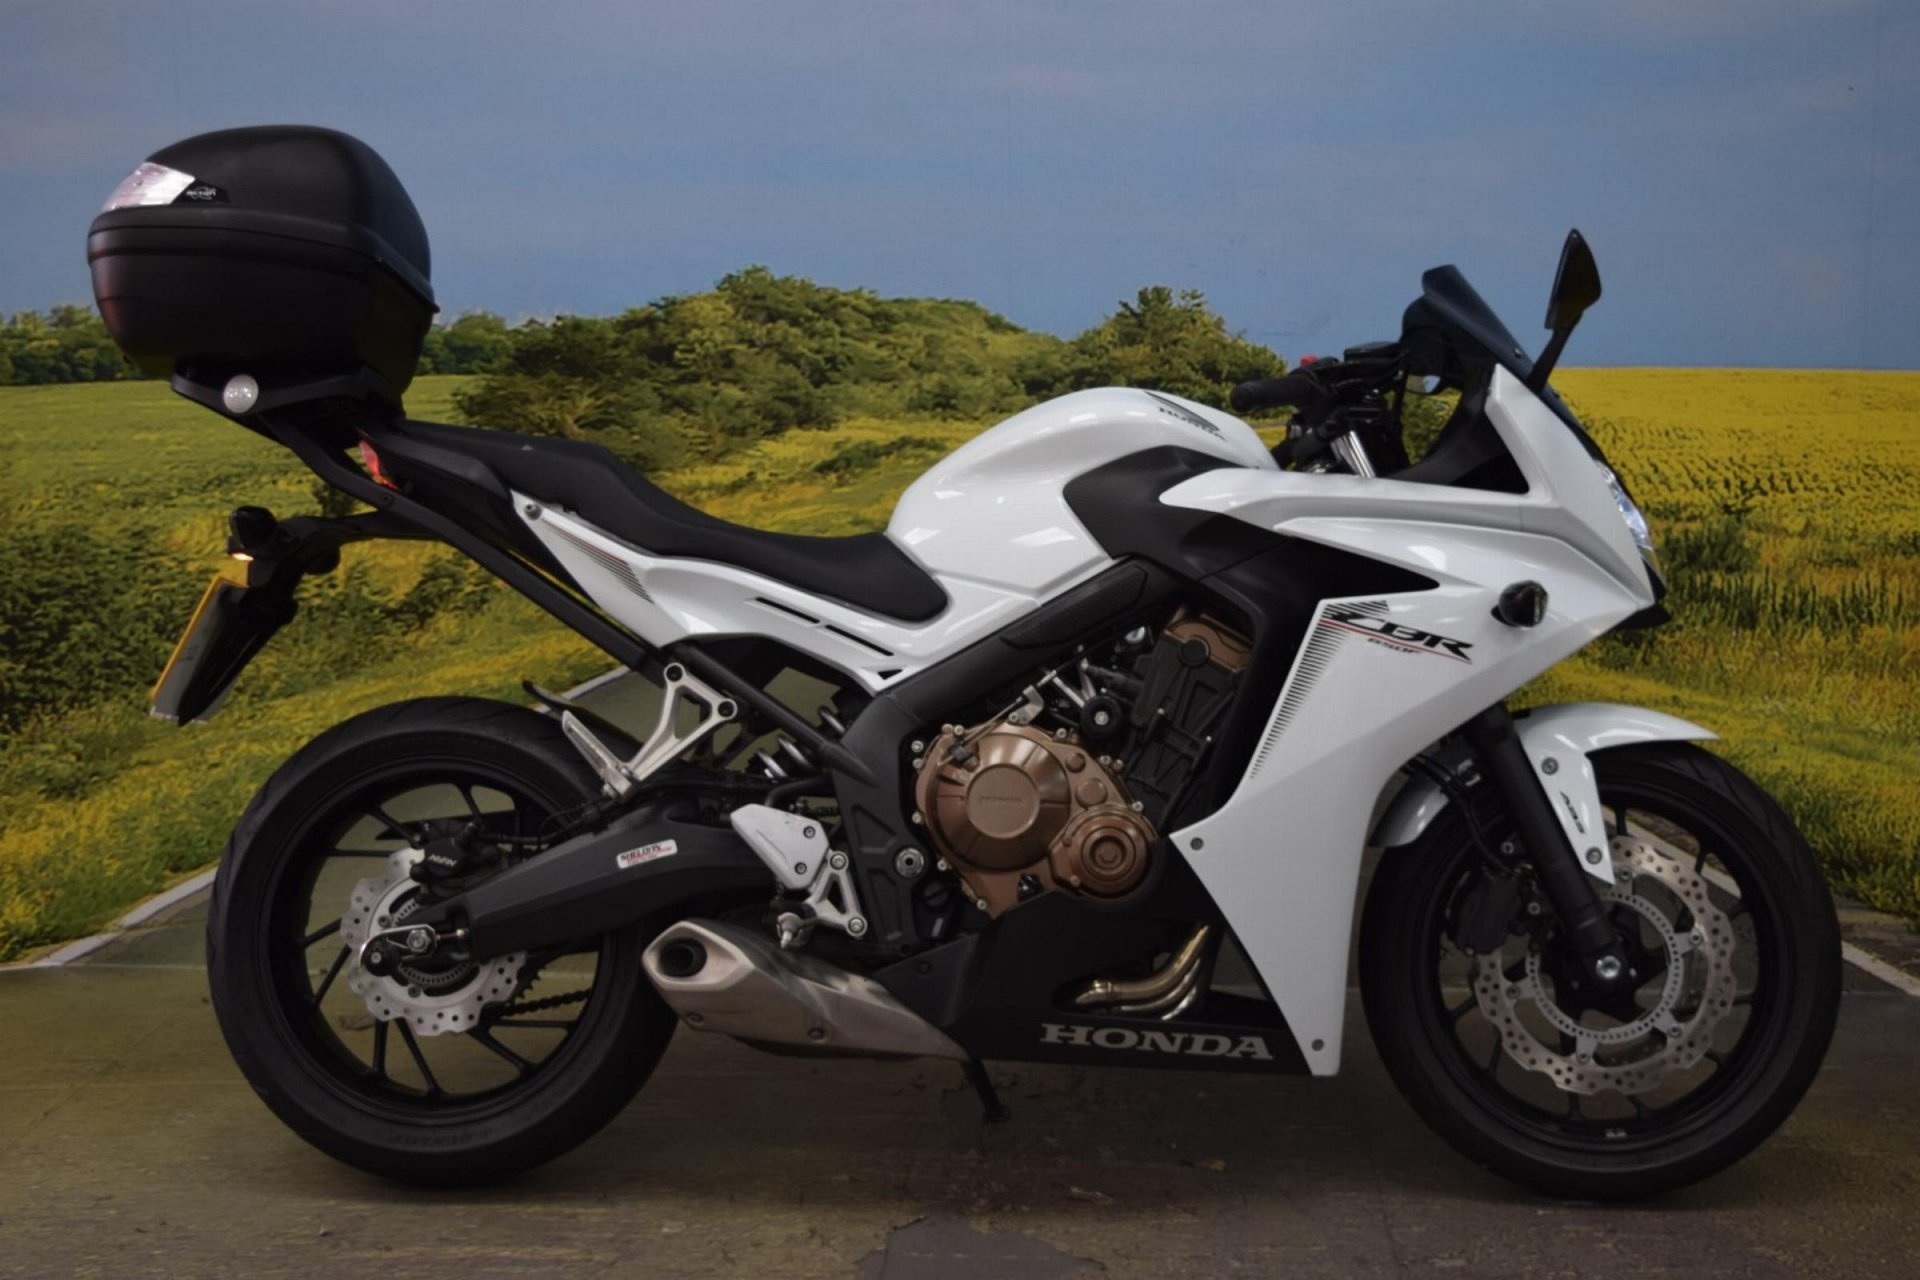 2018 Honda CBR 650F for sale in Staffordshire